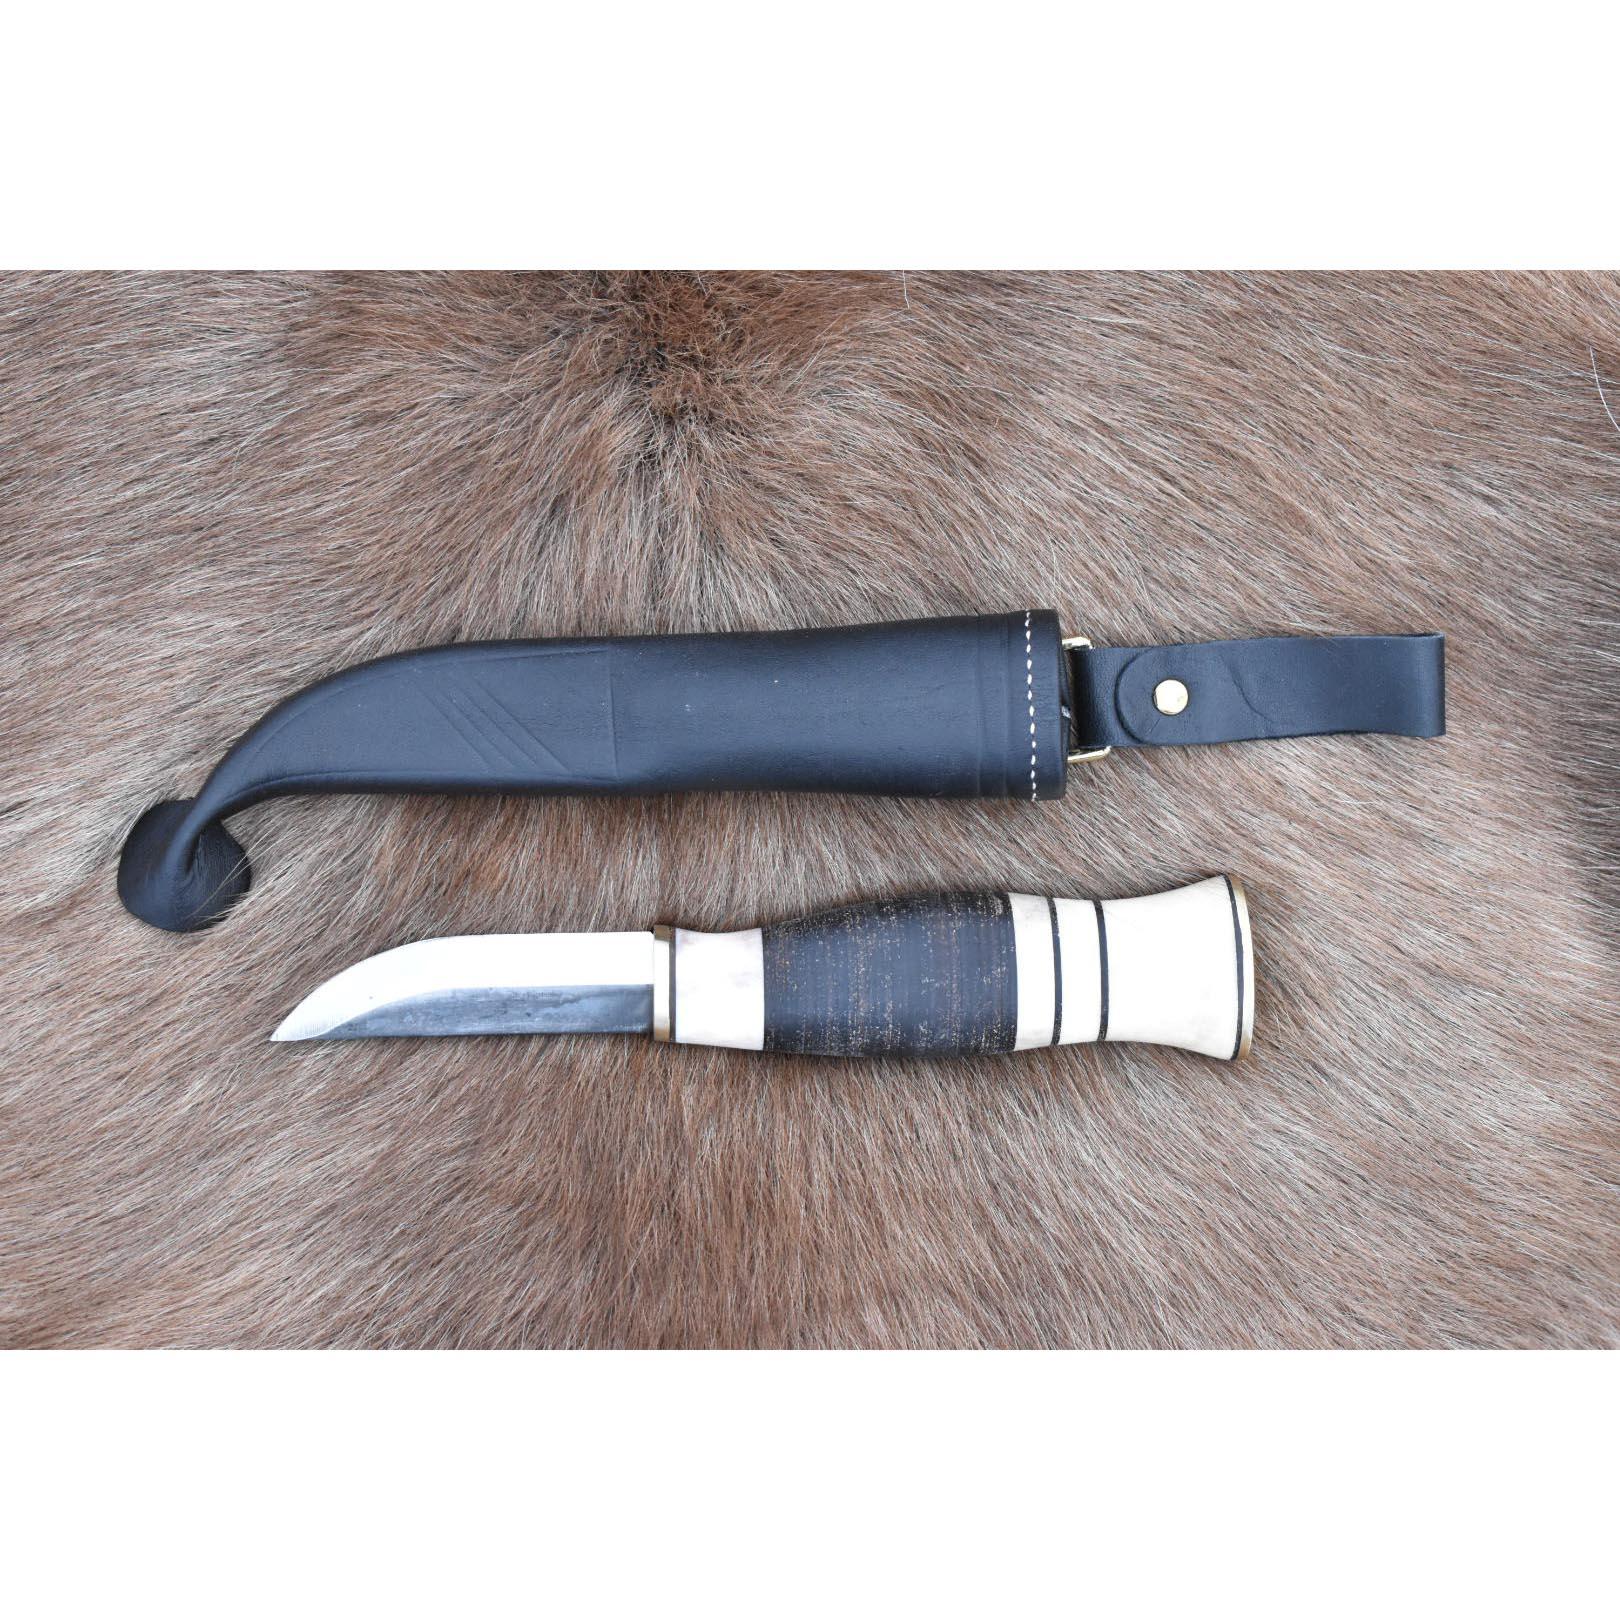 Nr 402 - Kniv med skaft av läder